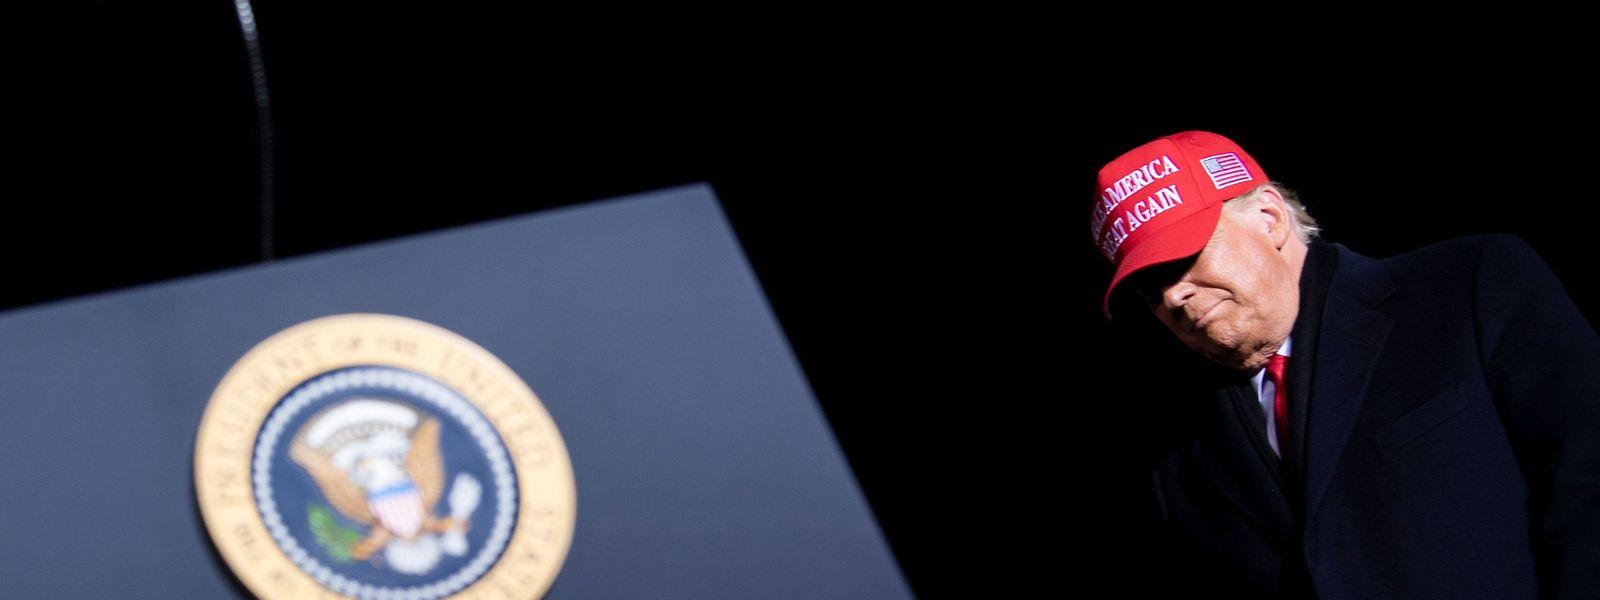 Donald Trump bei einer Wahlkampfveranstaltung am 2. November in Wisconsin: Laut US-Medien wird der Republikaner trotz seiner Wahlniederlage weiterhin eine starke politische Rolle spielen.